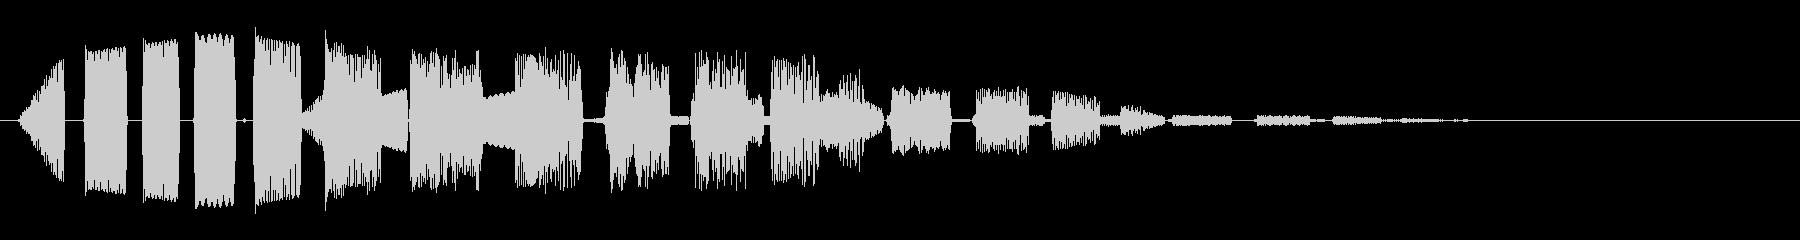 ピロピロピロ(ミラクルな効果音)の未再生の波形